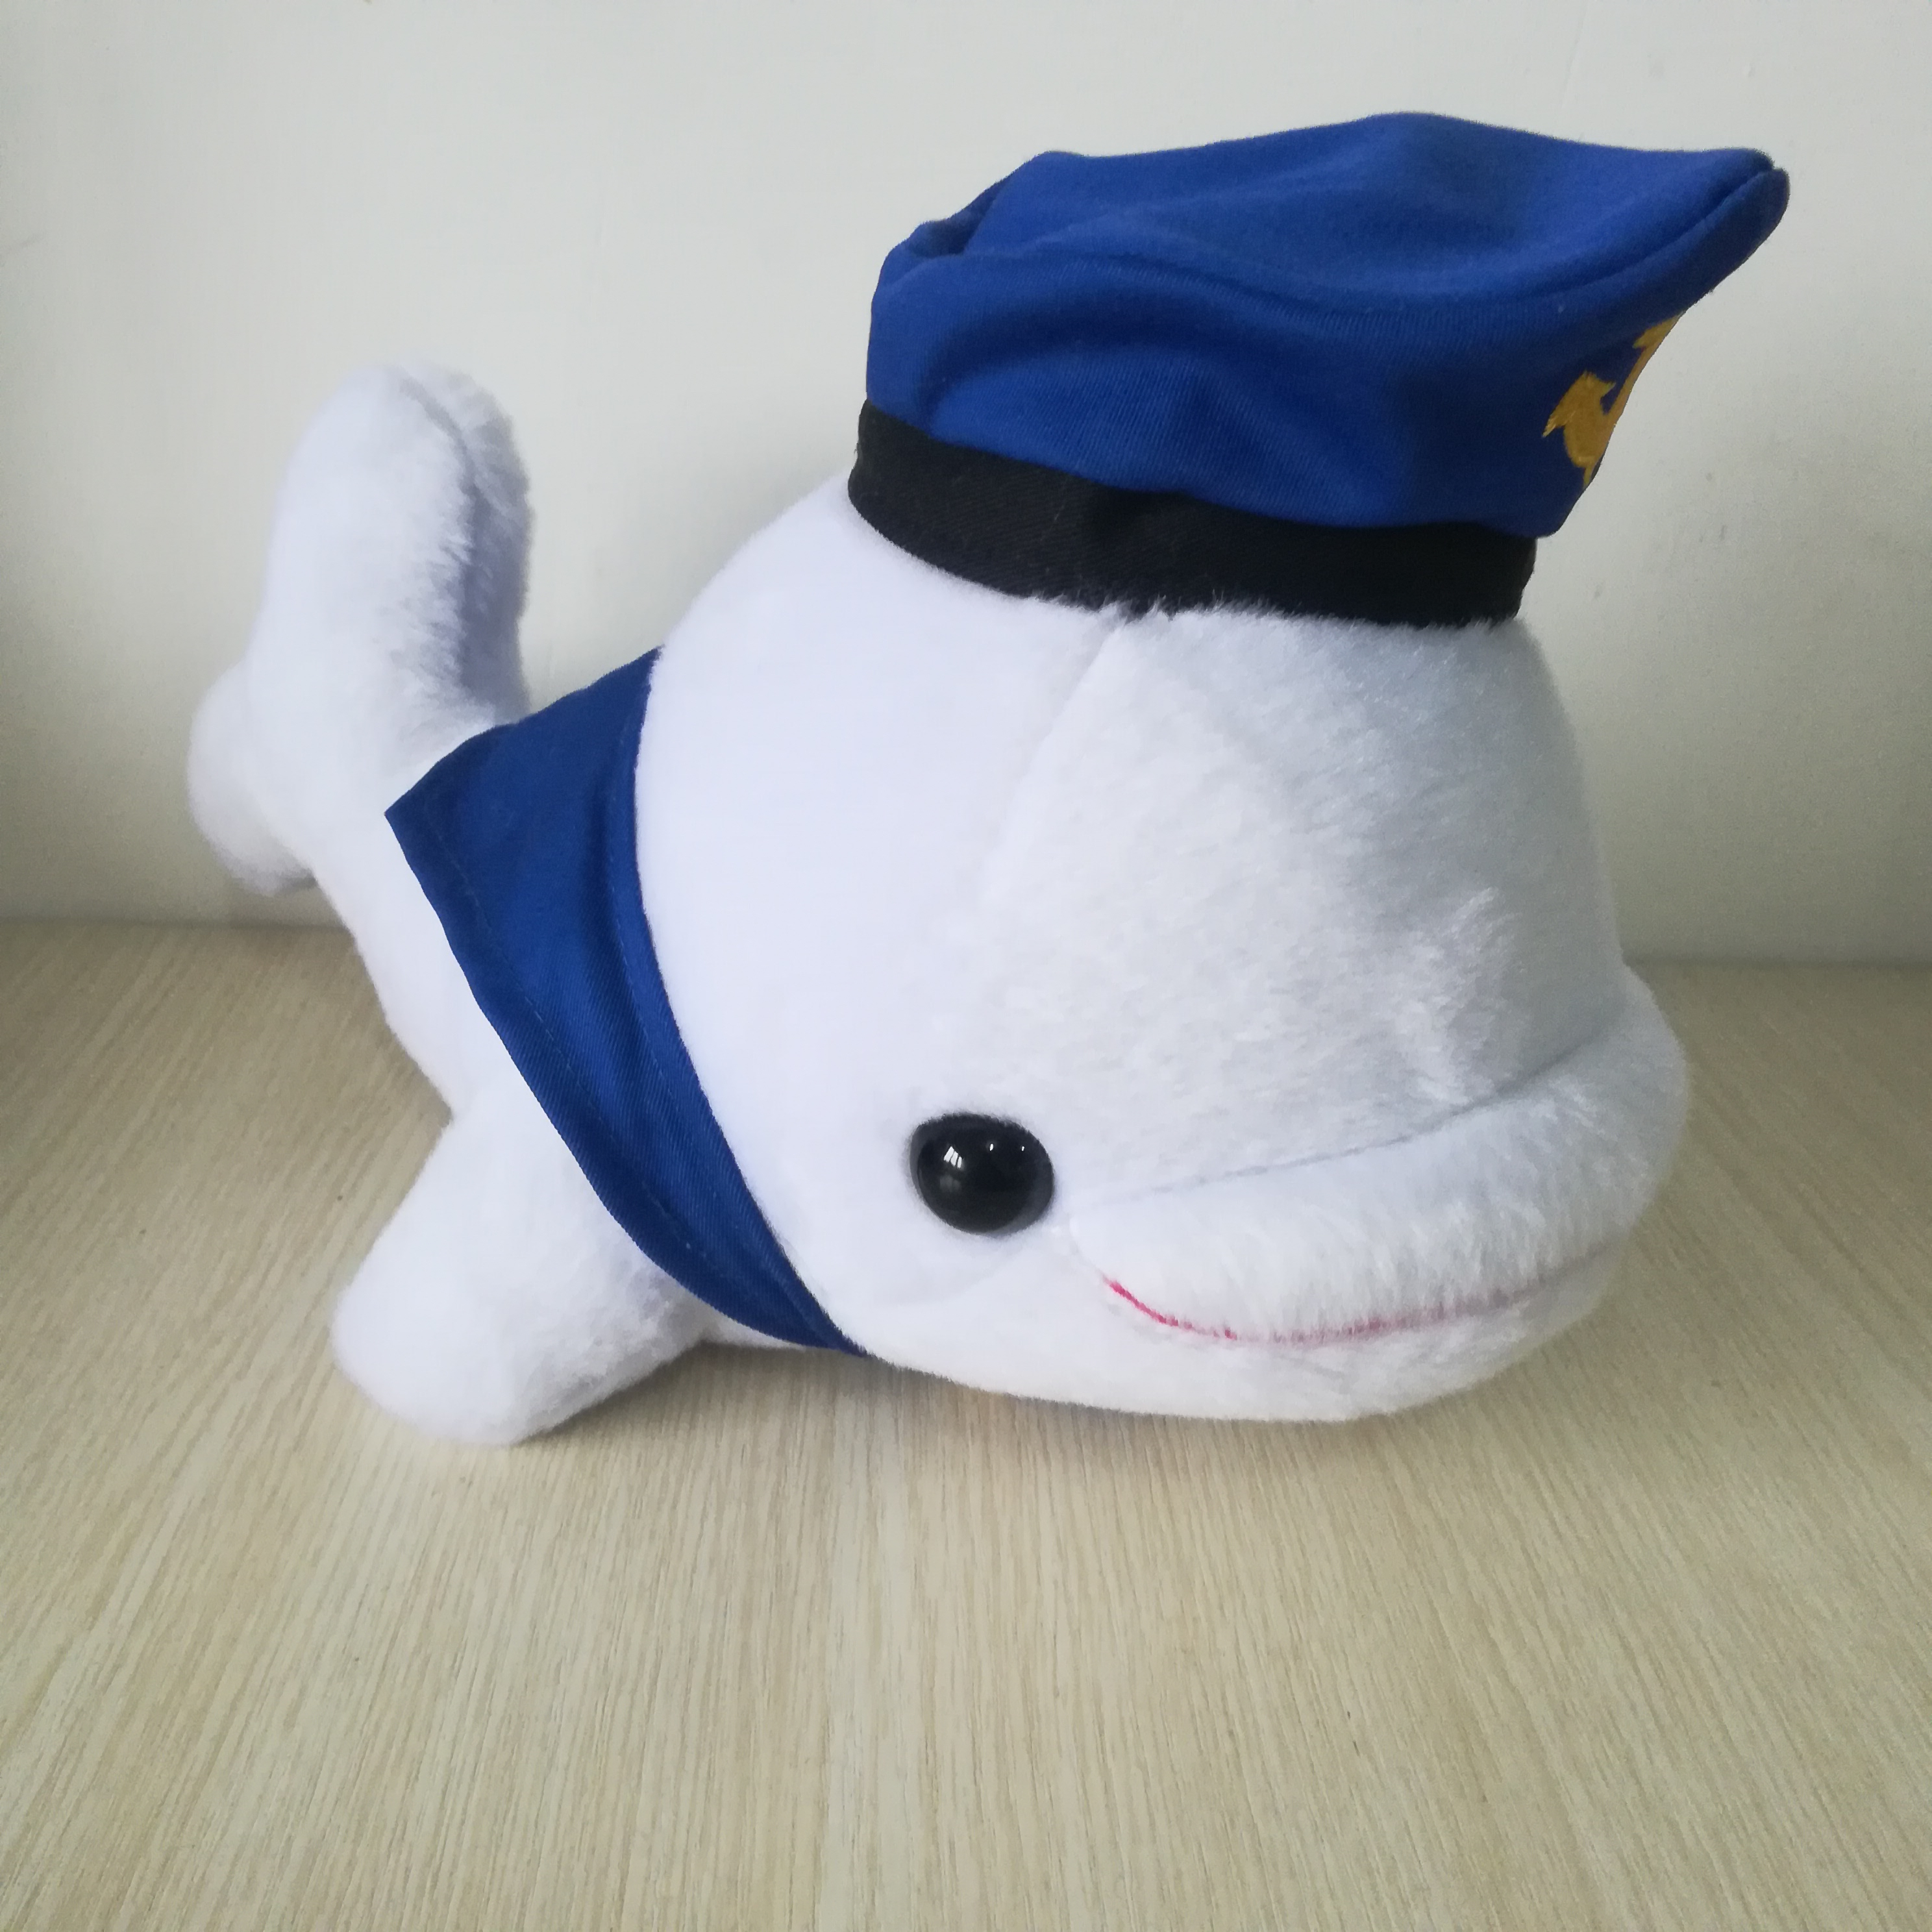 Jouet en peluche baleine design marine environ 30cm dauphin doux poupée cadeau d'anniversaire b0862 - 2